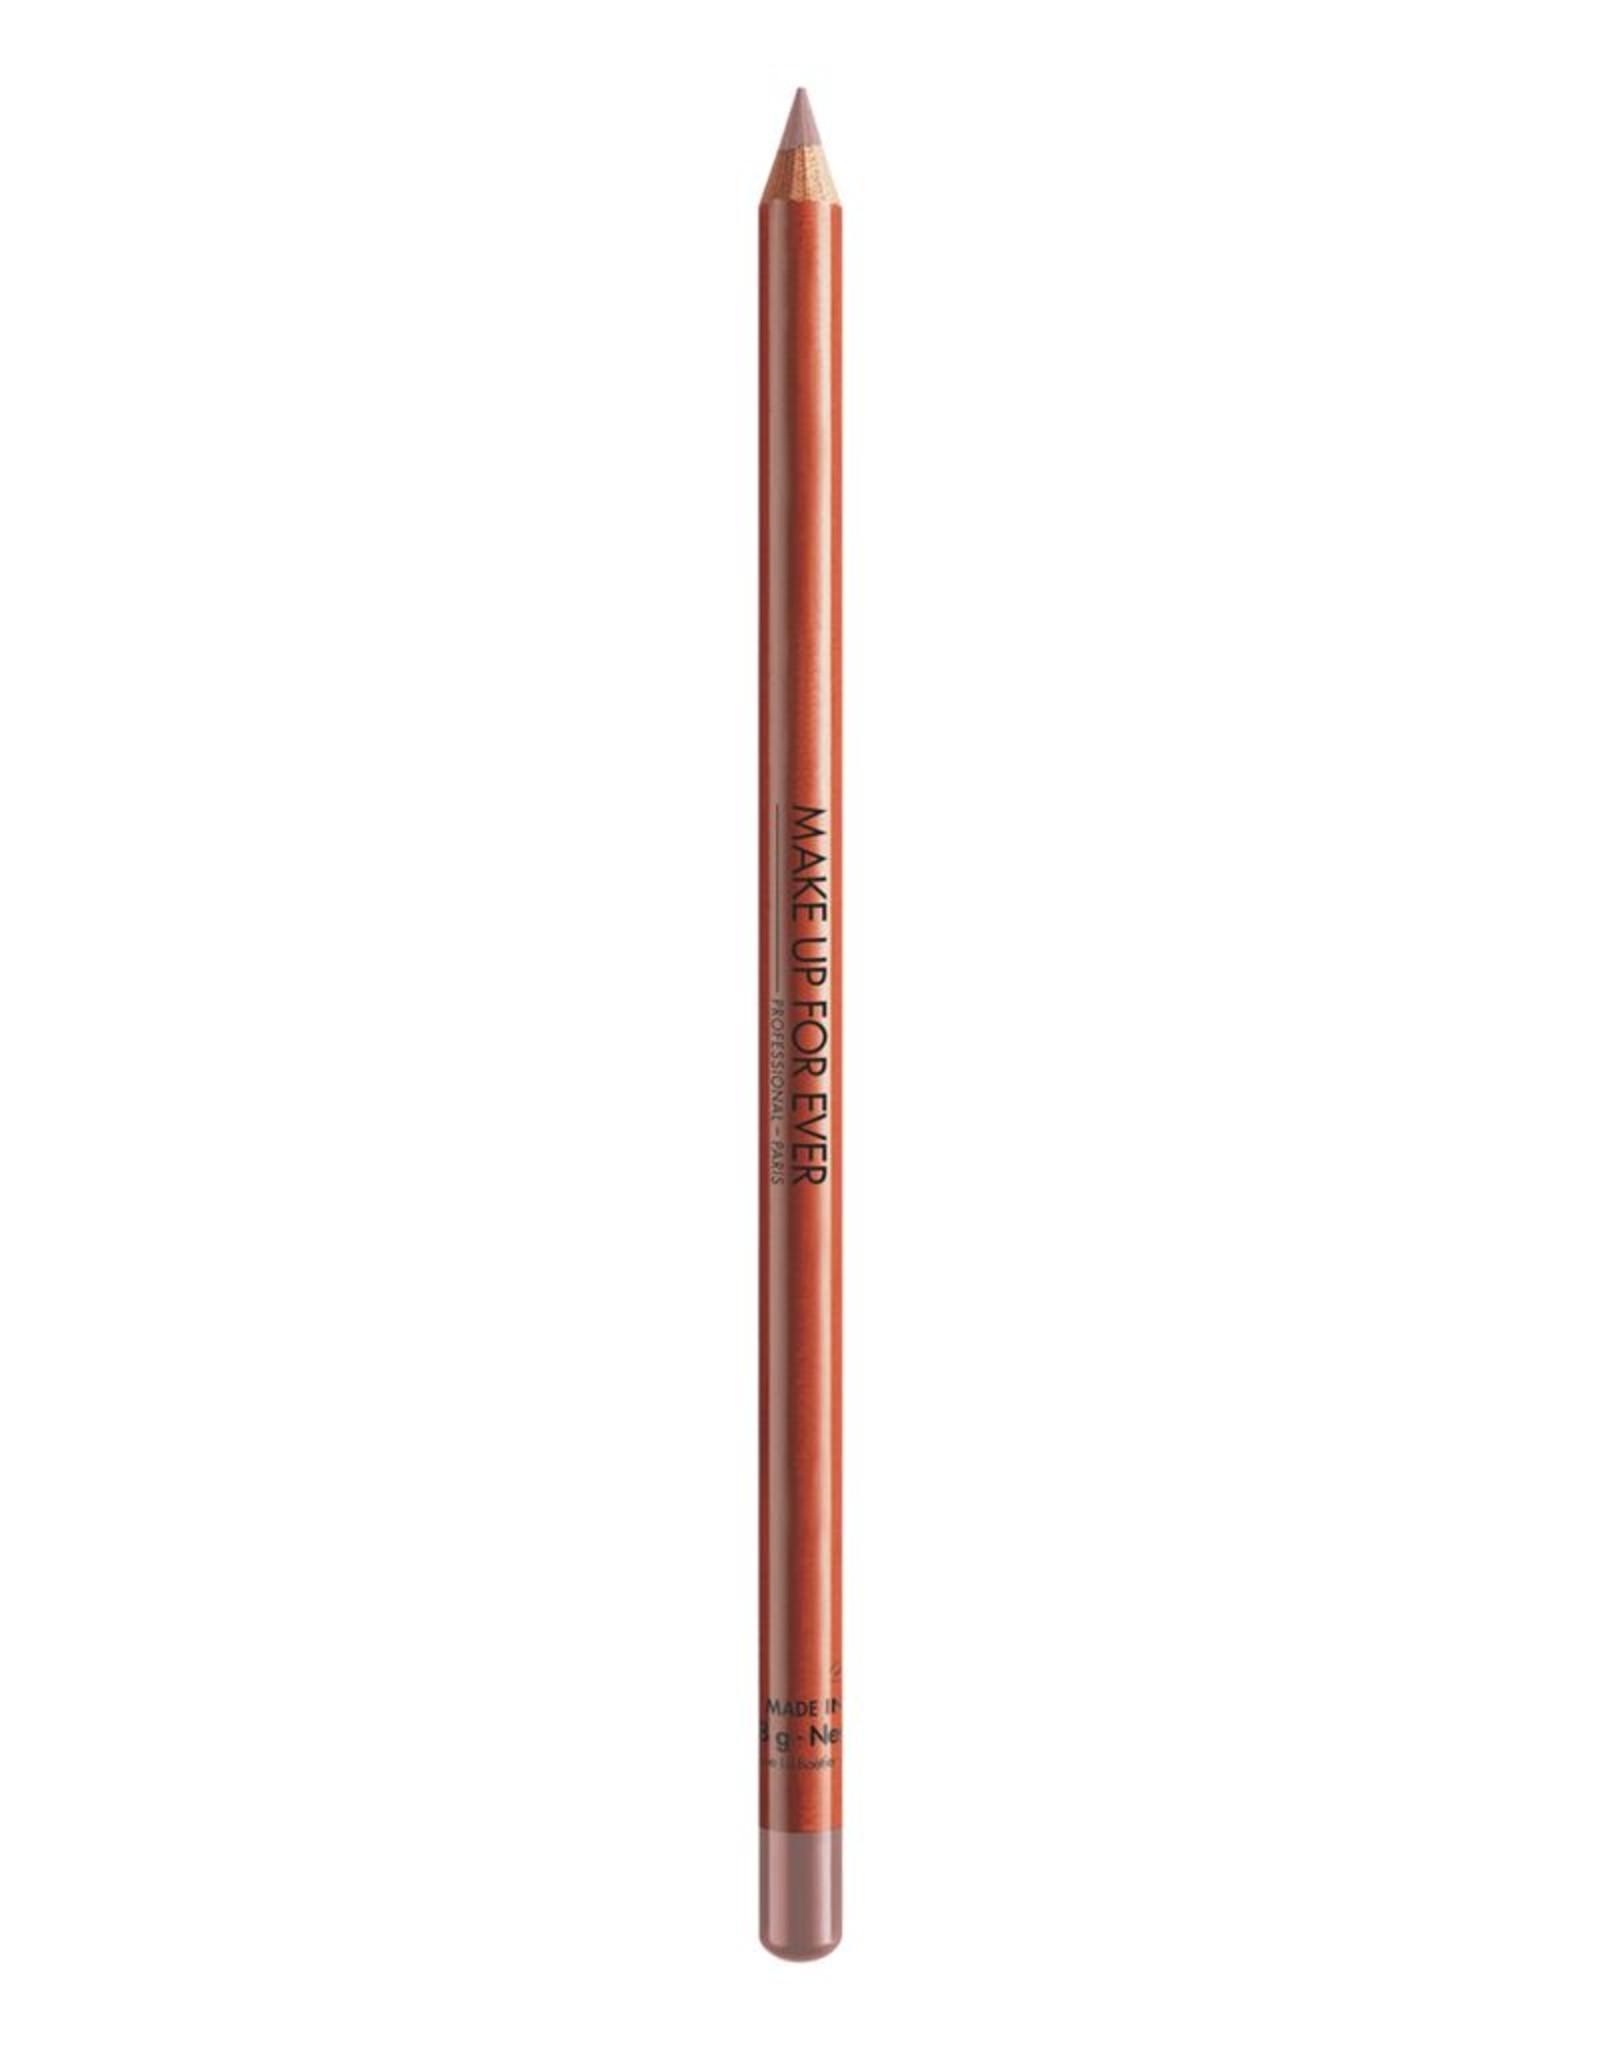 MUFE CRAYON LEVRES 1,8g N51 marron fonce /  dark brown